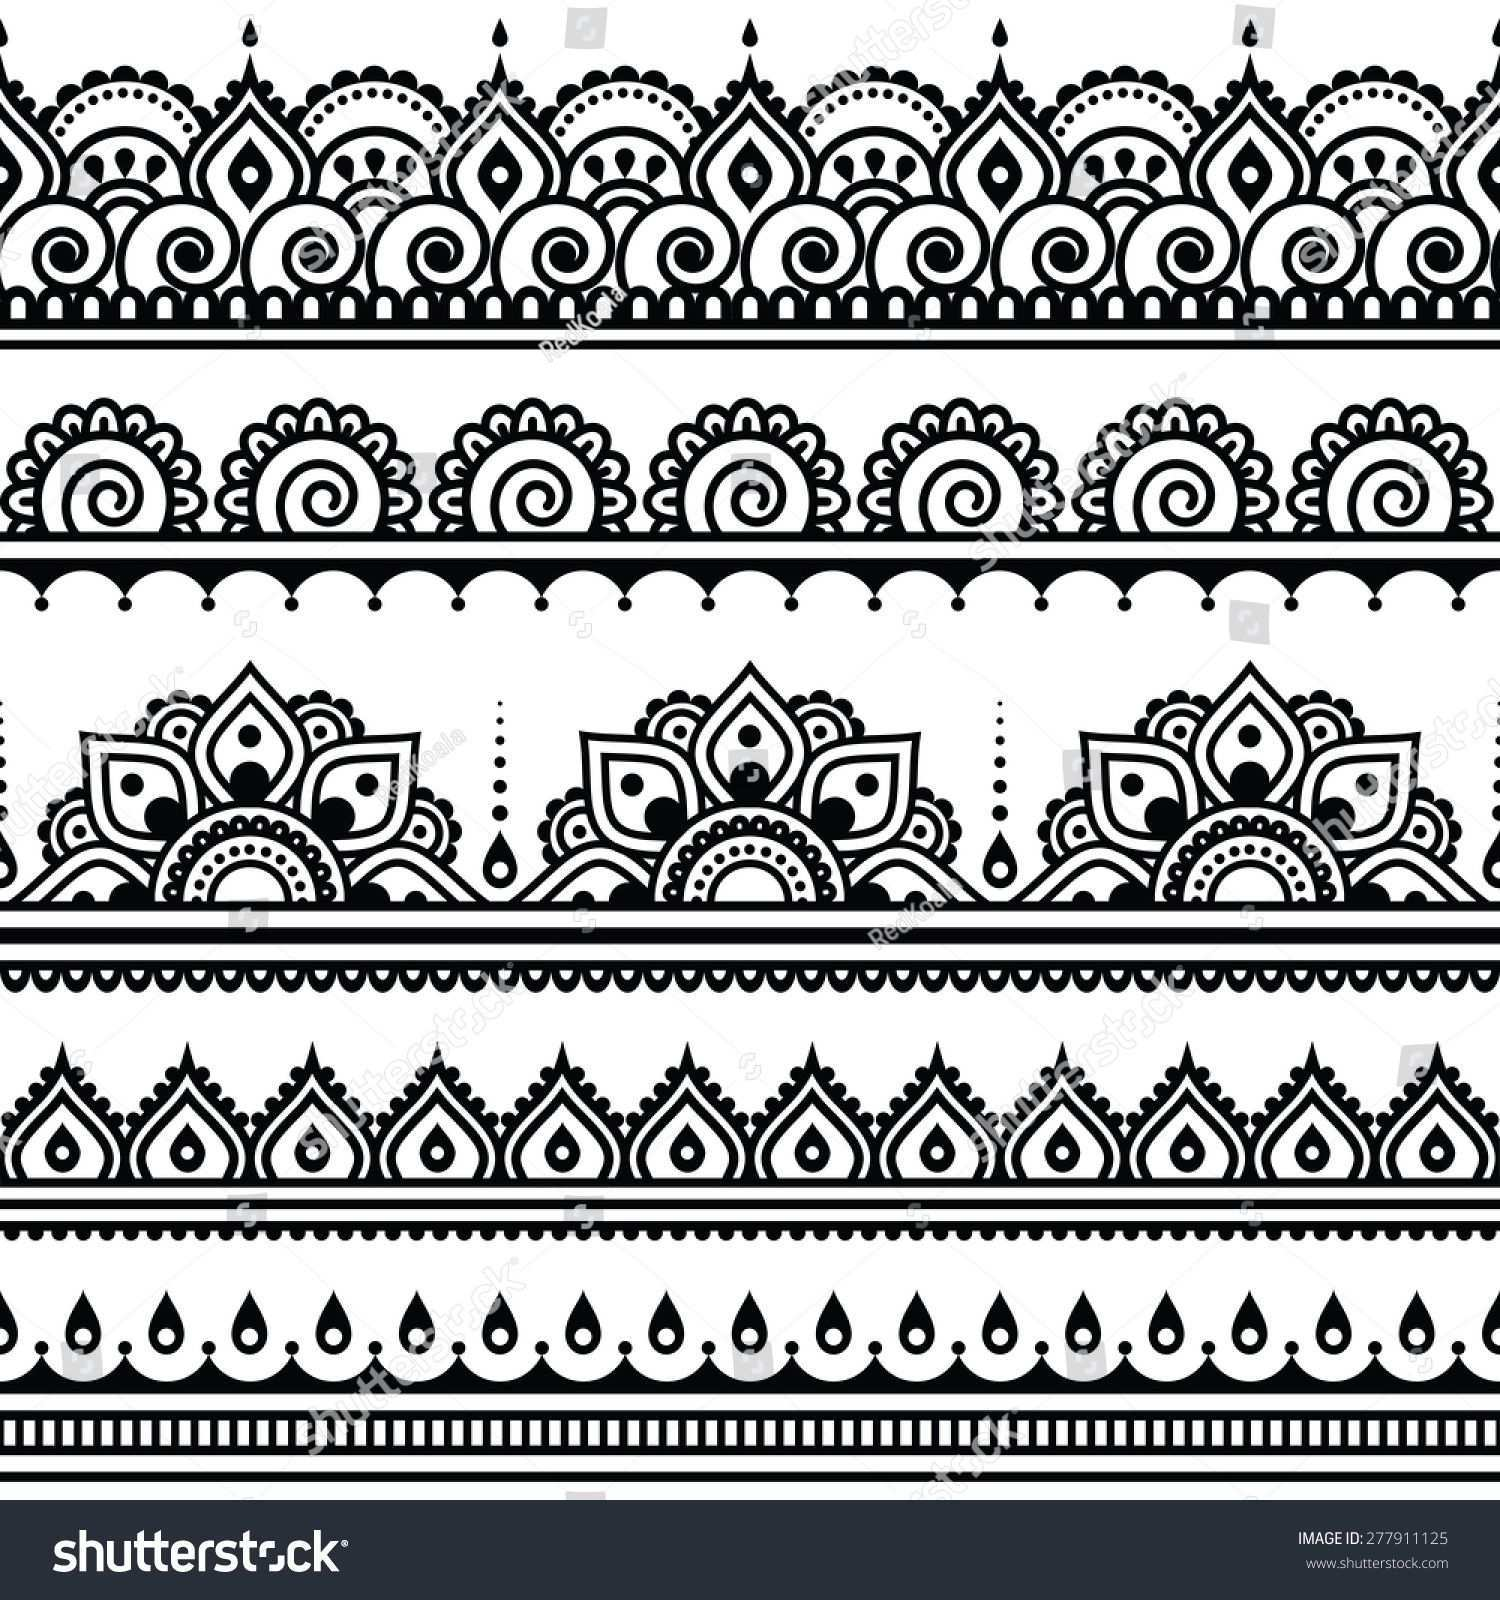 Mehndi Indian Henna Tattoo Seamless Pattern Design Elements Indisches Henna Tattoo Henna Mehndi